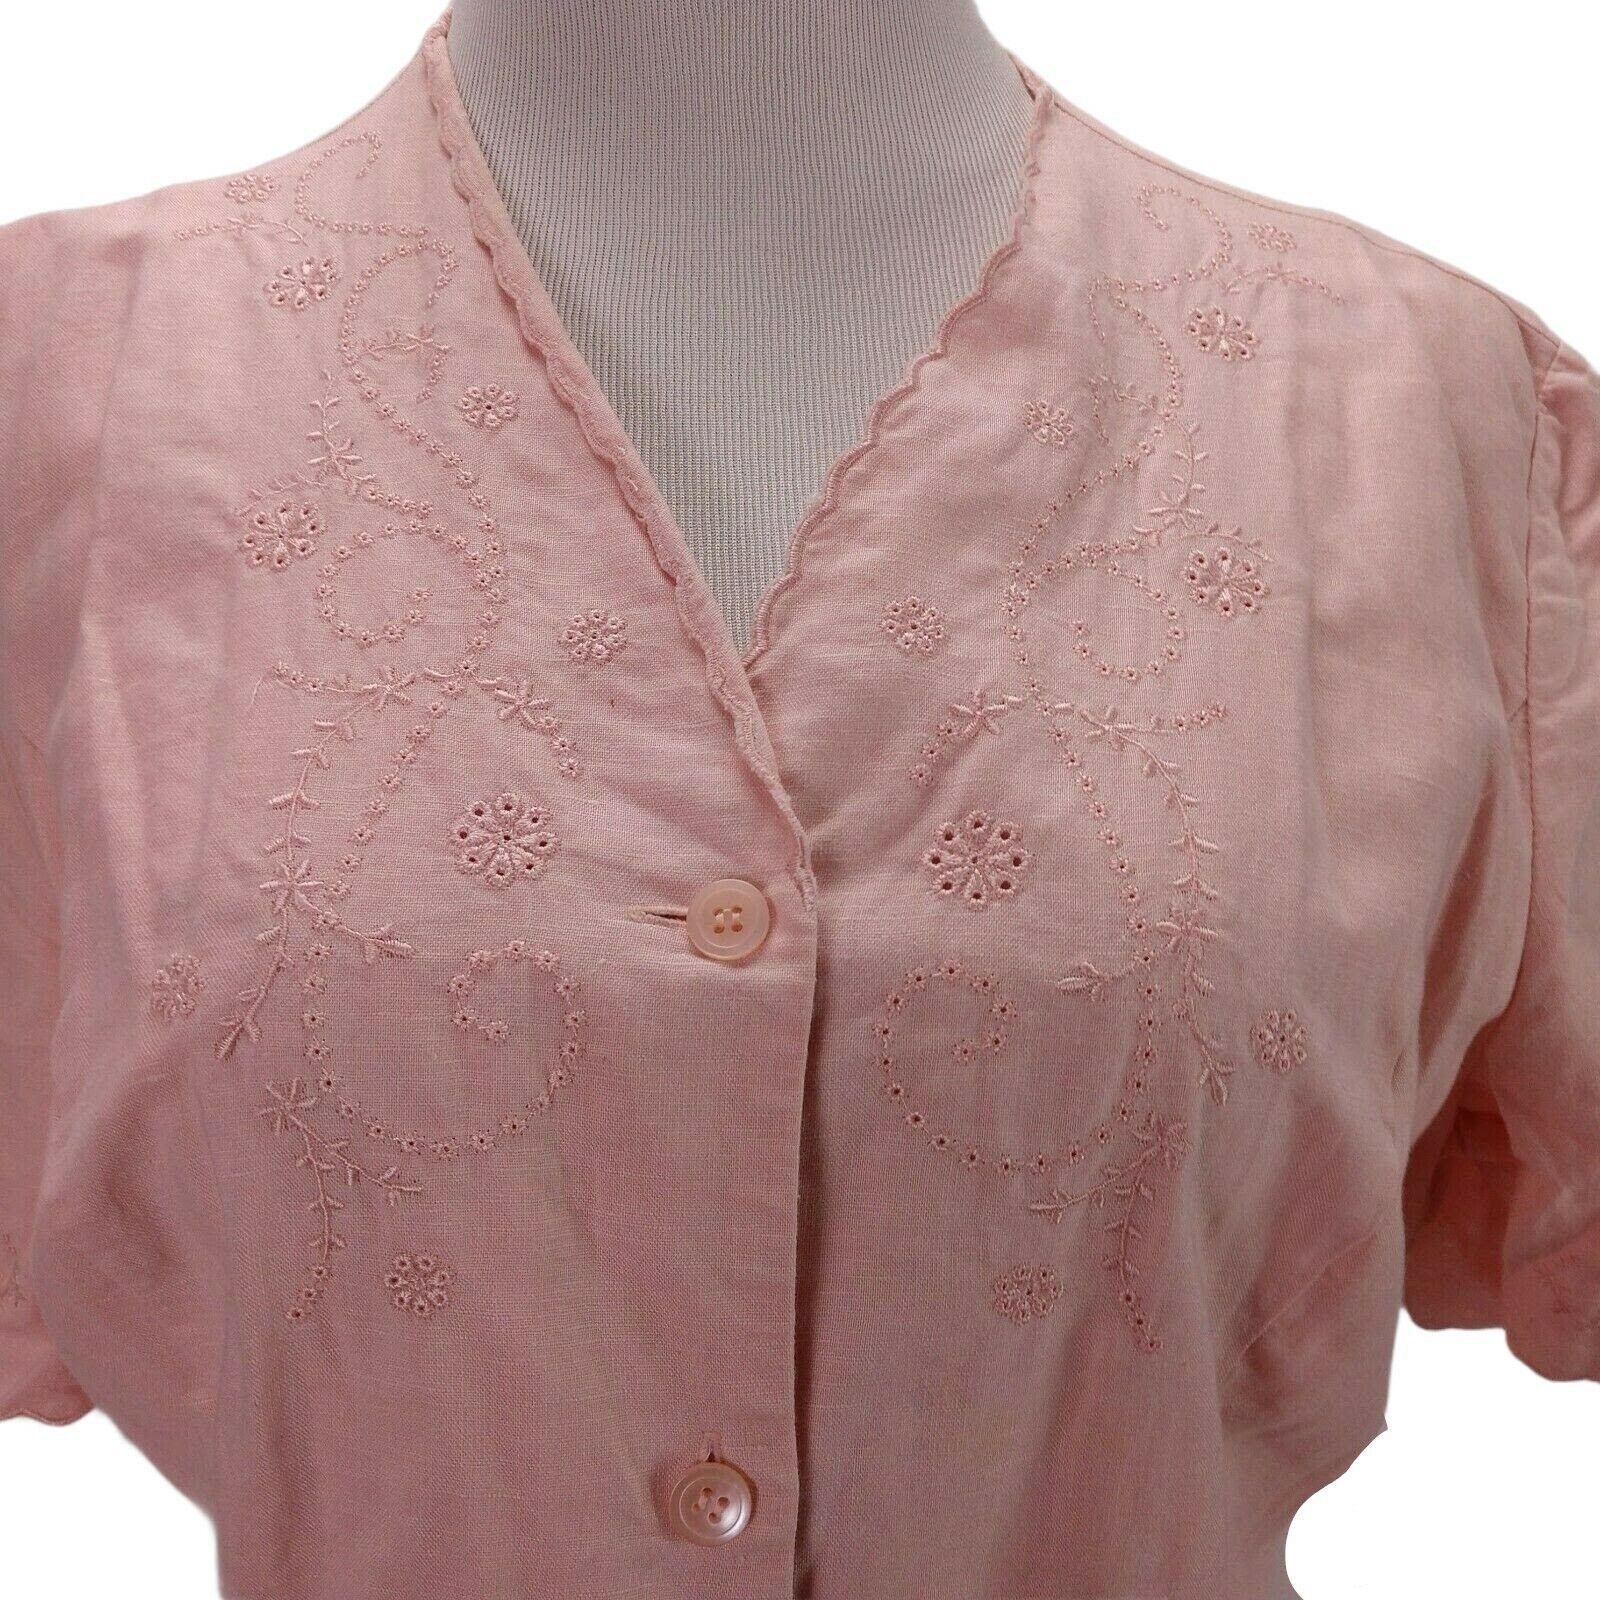 Vintage Laura Ashley Linen Eyelet Dress Size 14 P… - image 6